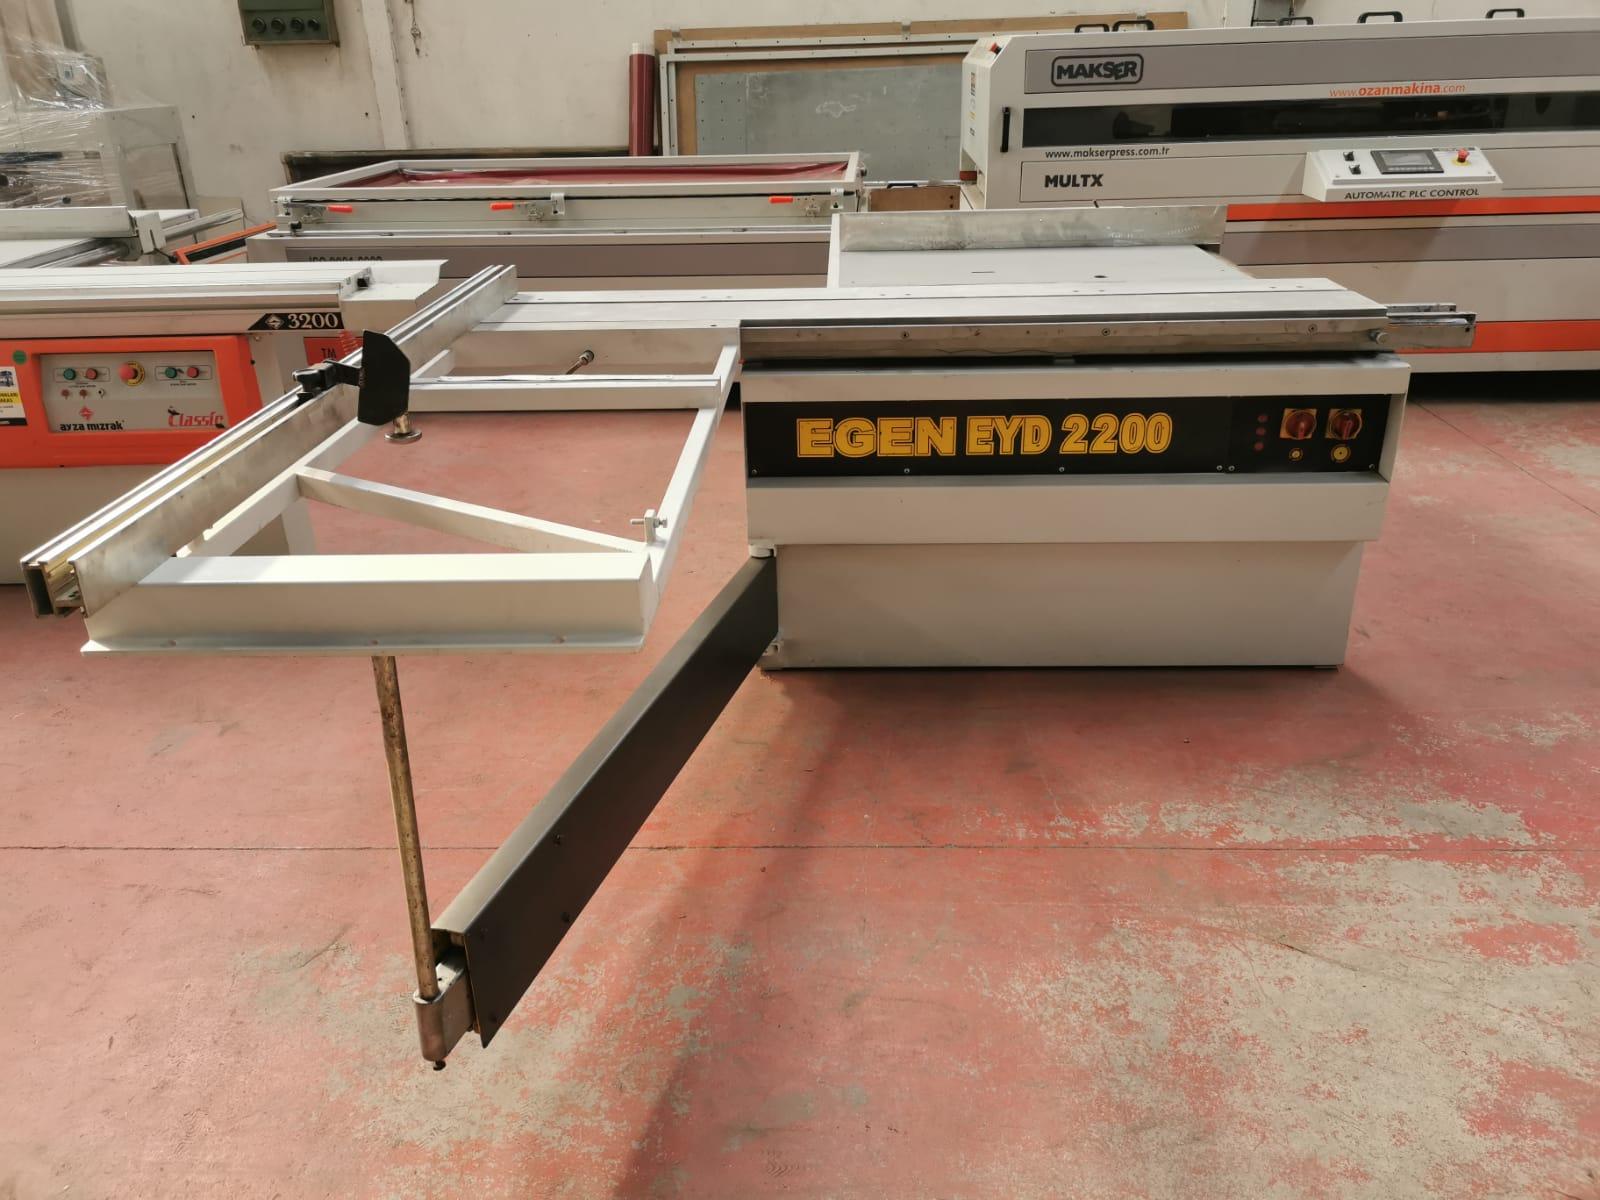 EGEN 2200 PANEL SAW MACHINE